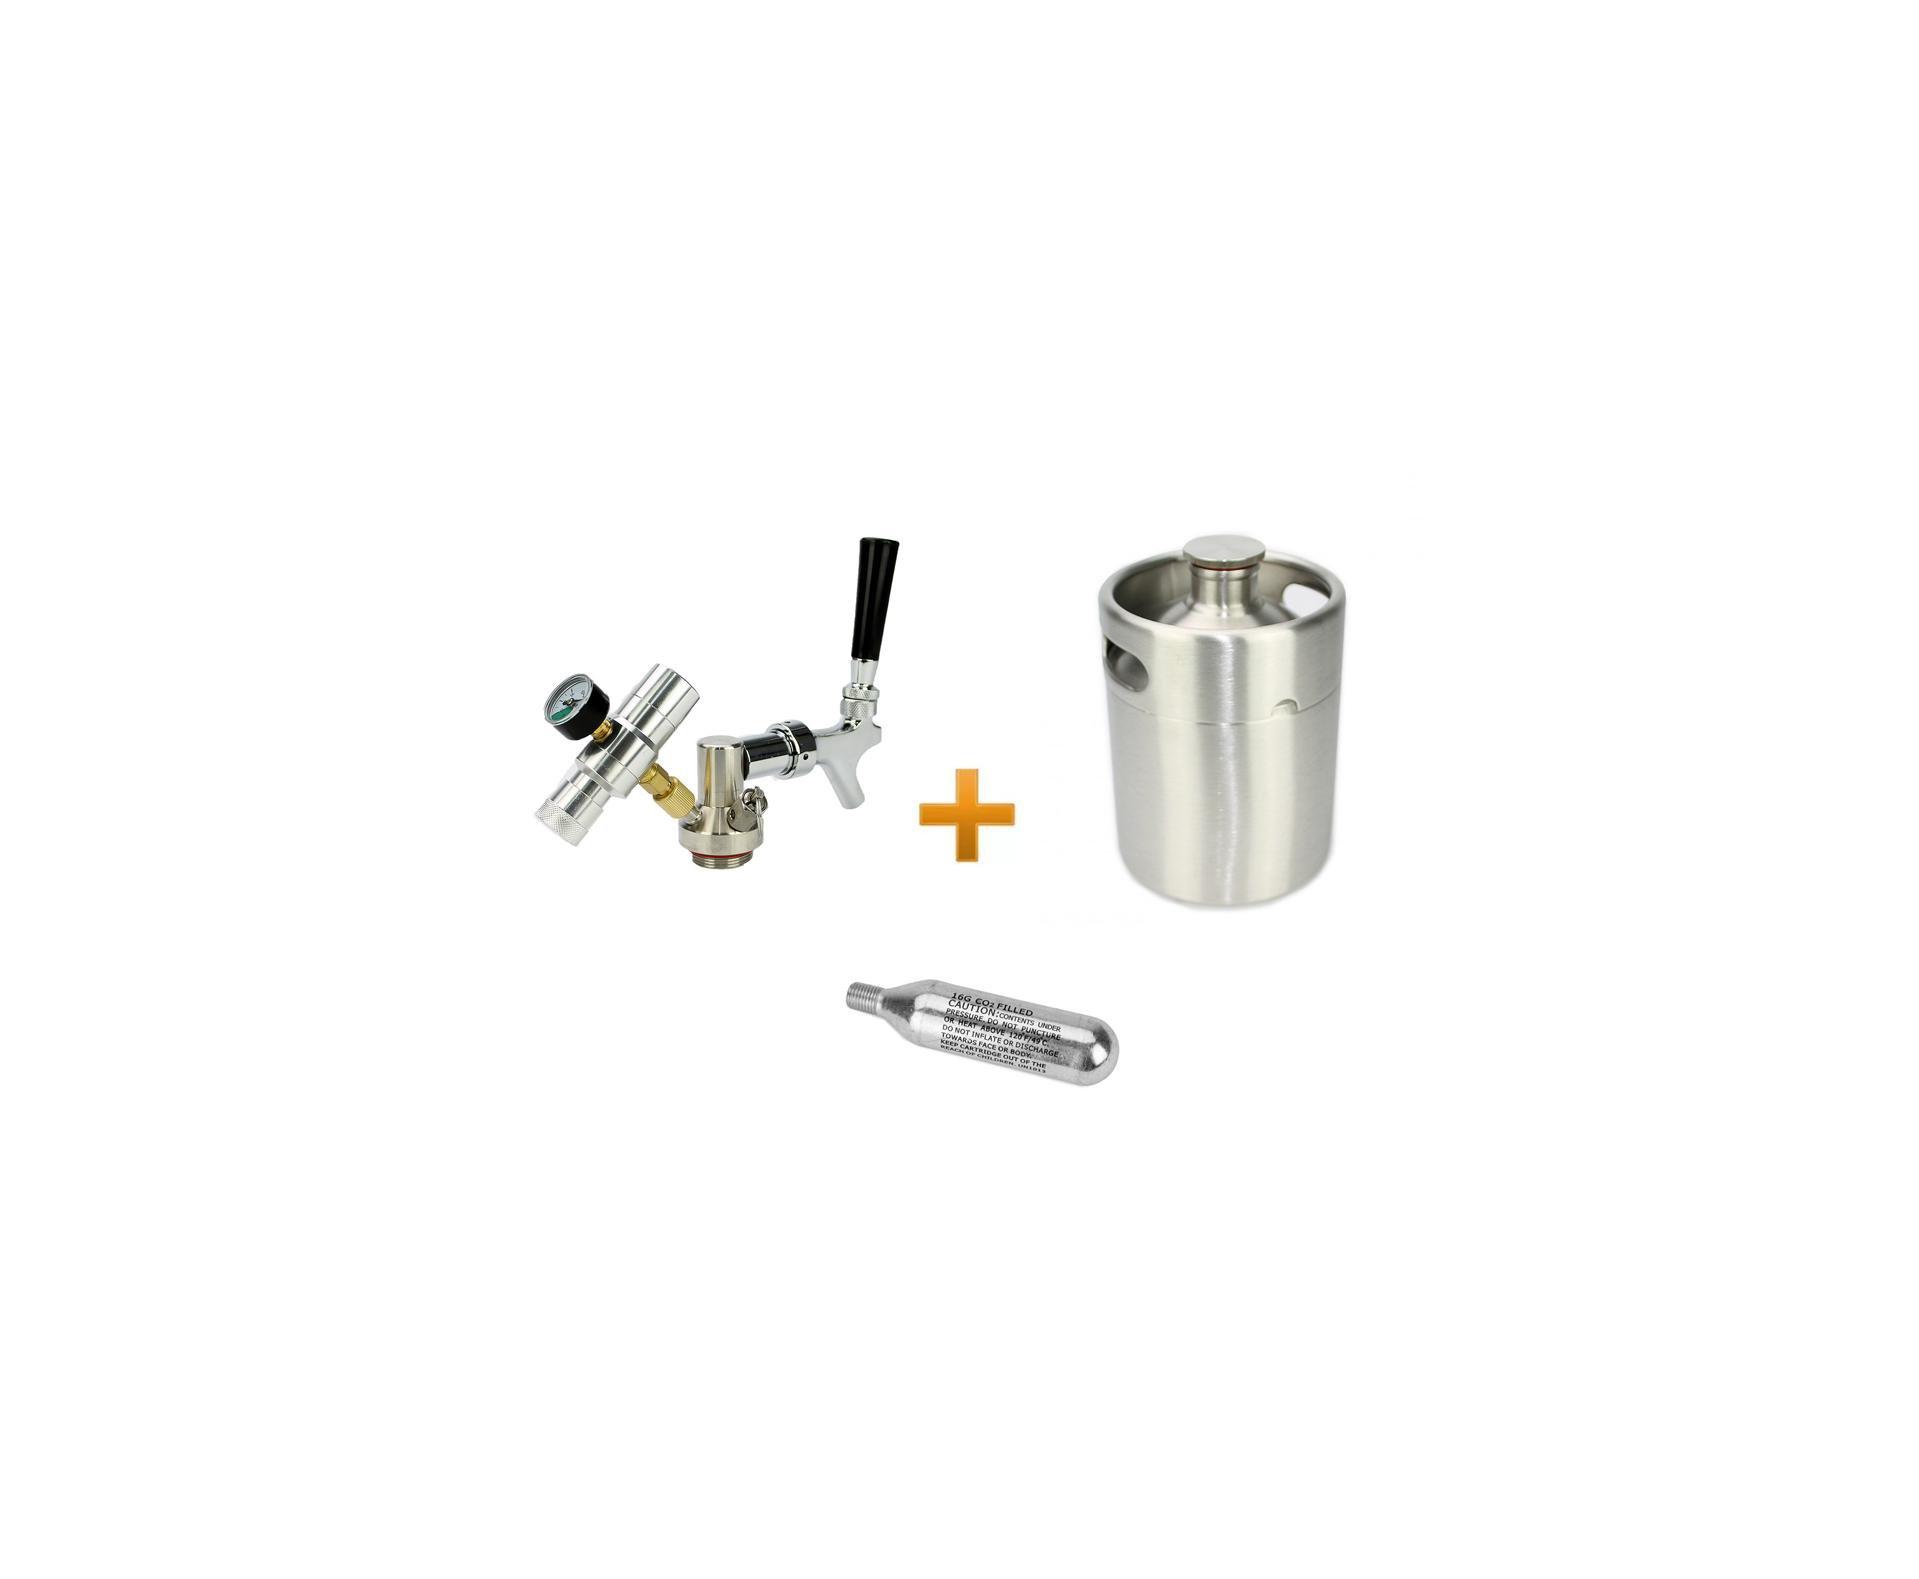 Kit Growler Em Aço Inox 3,6l + Torneira Co2 16g Para Cerveja E Chopp Artesanal